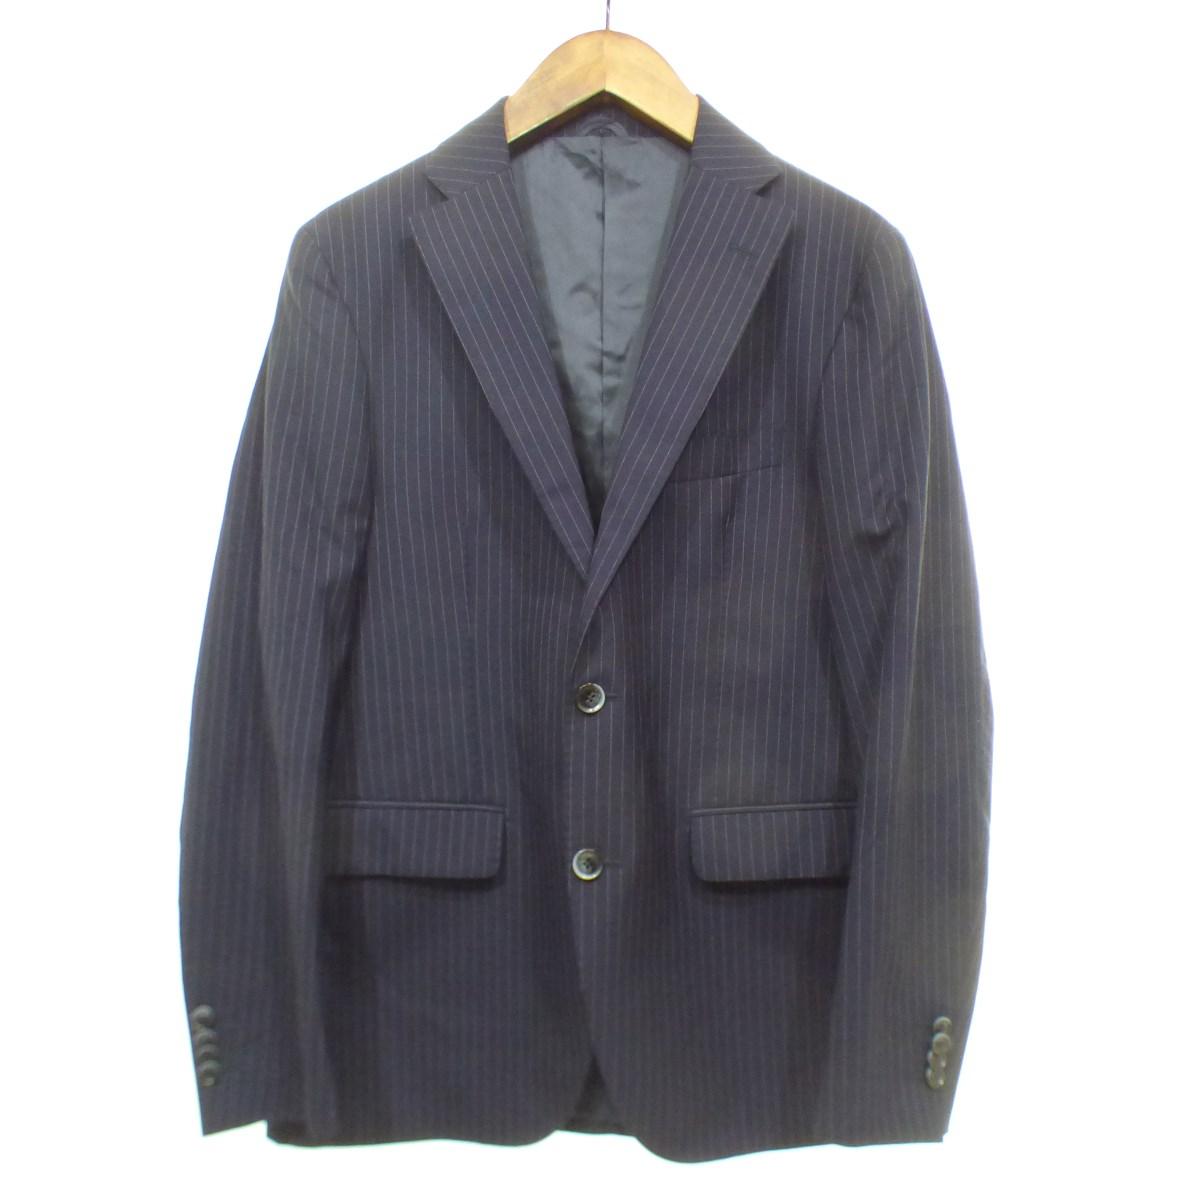 【中古】SARTORIA LATORRE シングルスーツ ネイビー サイズ:48 【170819】(サルトリア ラトーレ)